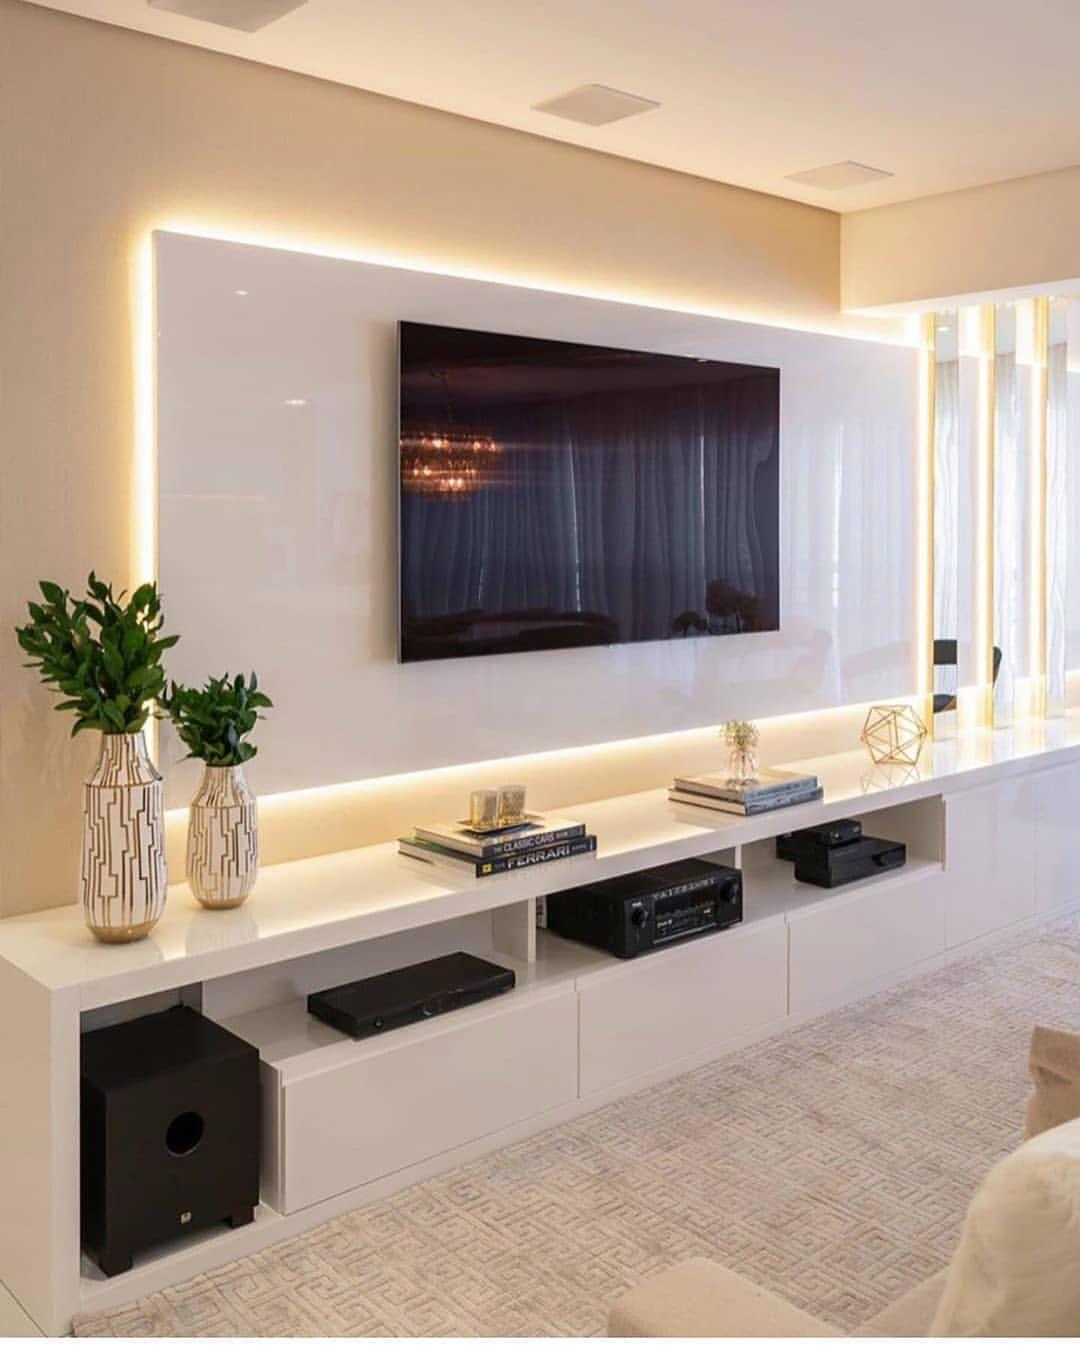 ديكور تلفاز ديكورات تلفزيون اشكال خلفية تلفزيون ديكورات خشب ديكور تكسات خشب خلف التلفاز تفصيل خشب Living Room Design Decor Tv Room Design Modern Tv Room